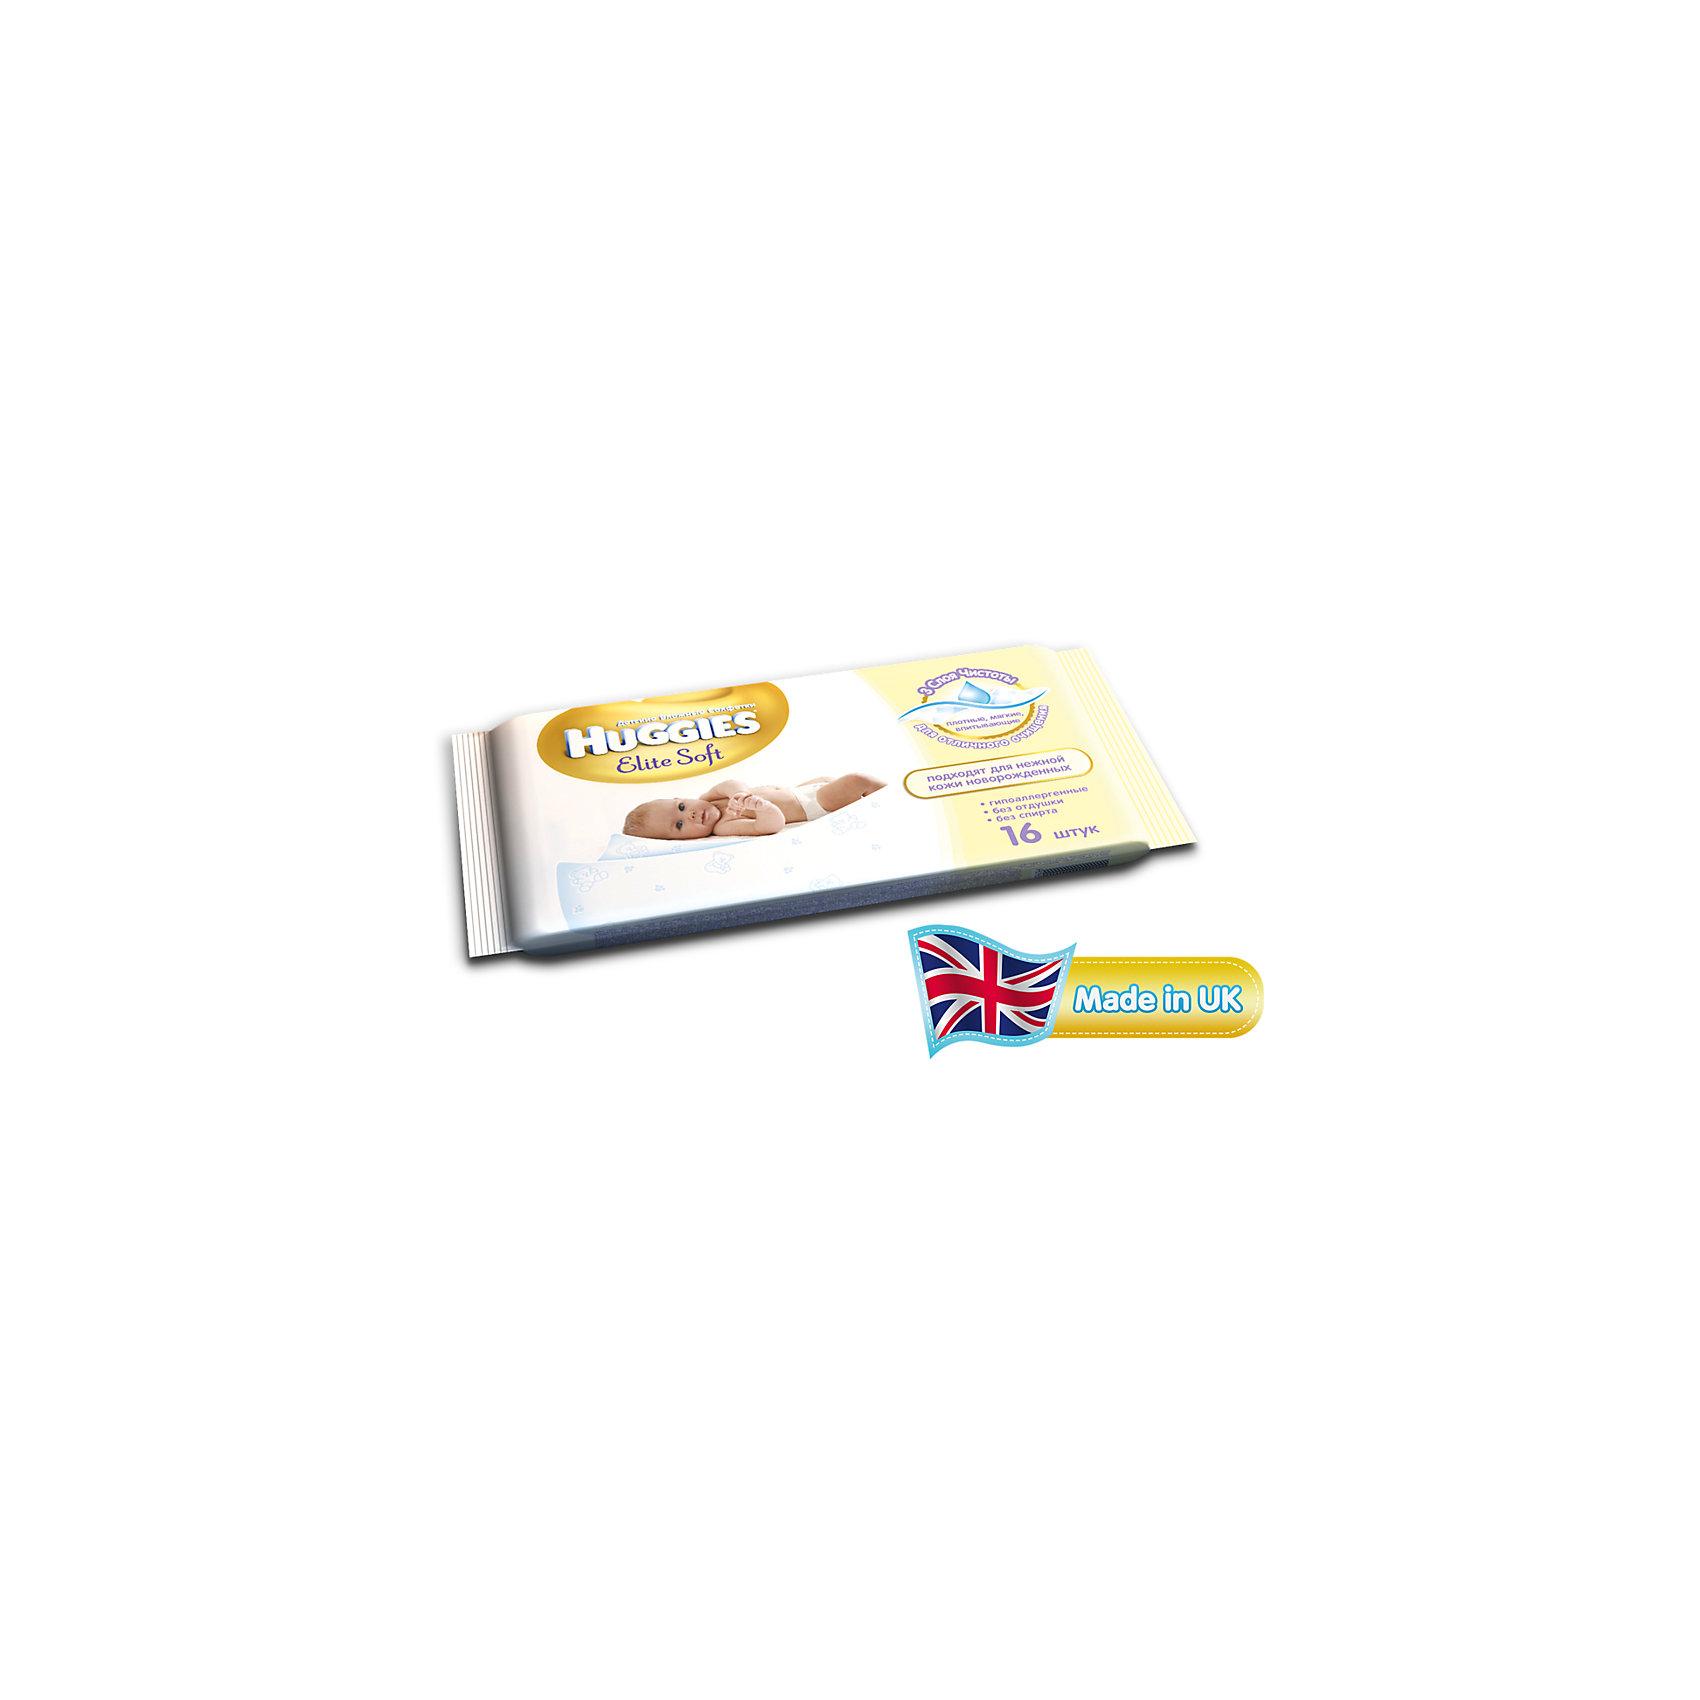 Детские влажные салфетки Elite Soft, 16шт., Huggies (HUGGIES)